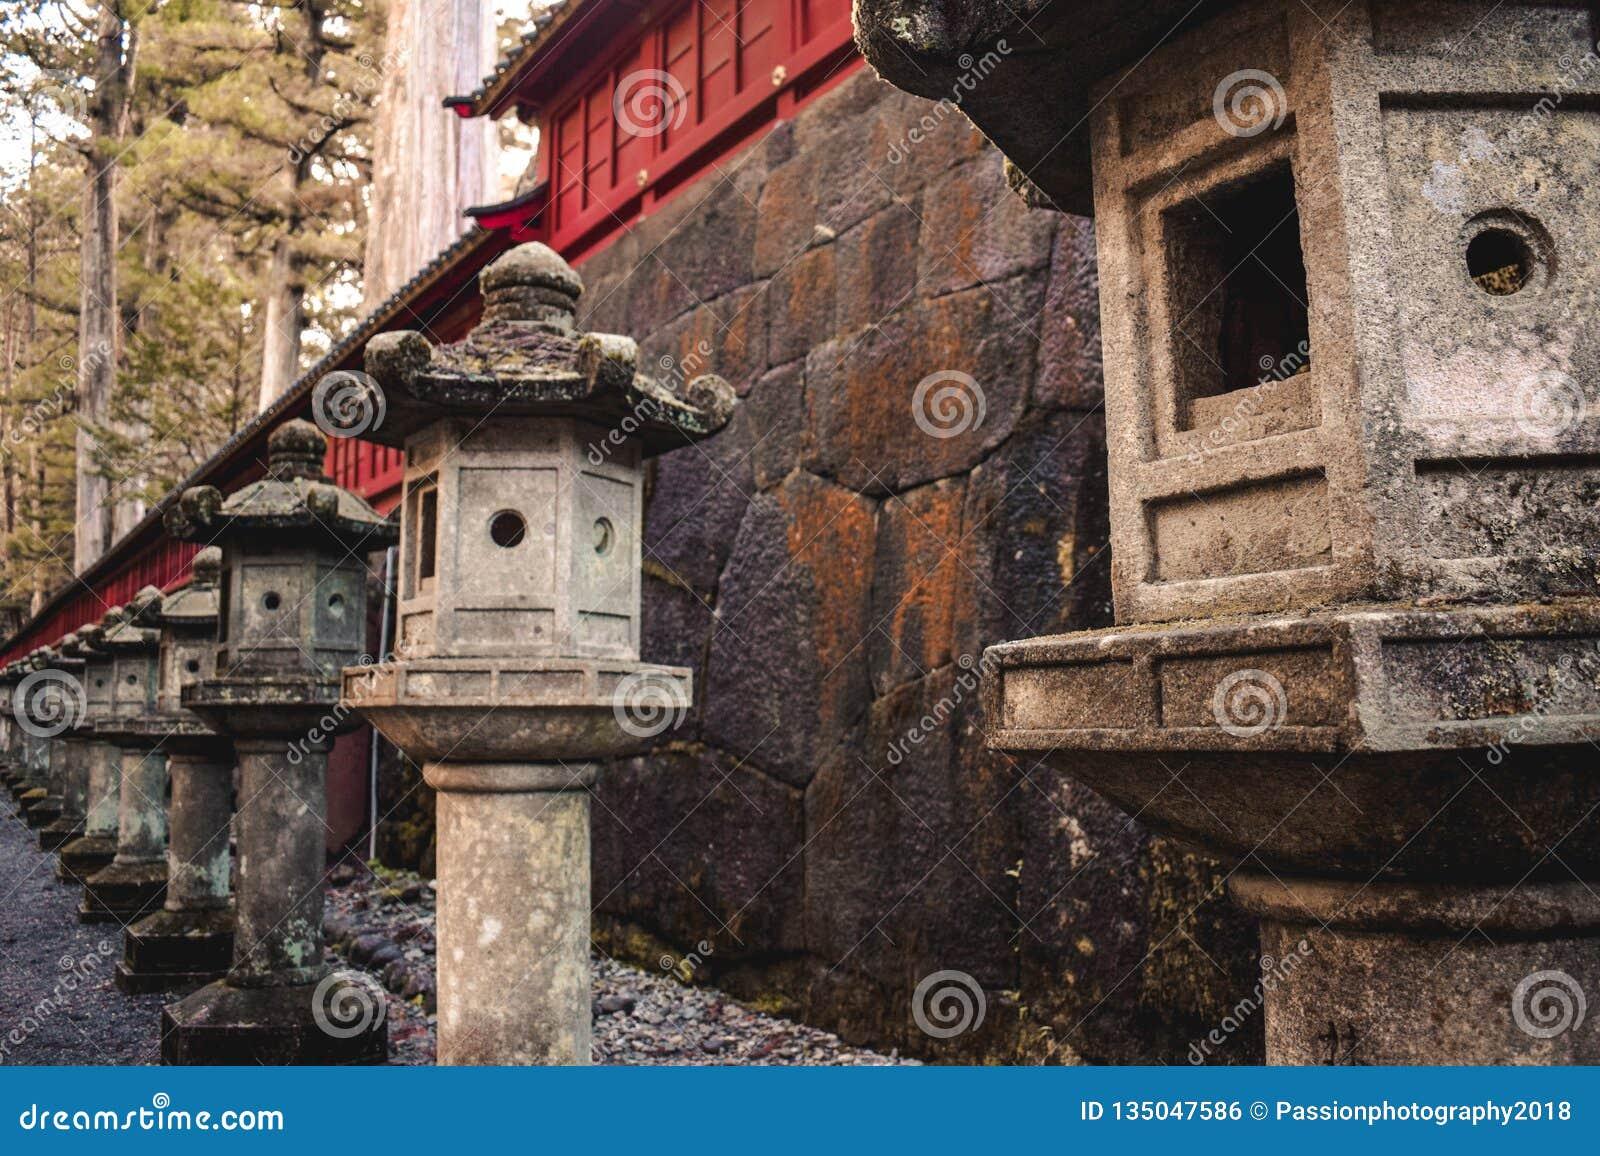 Linternas de piedra viejas japonesas en fila